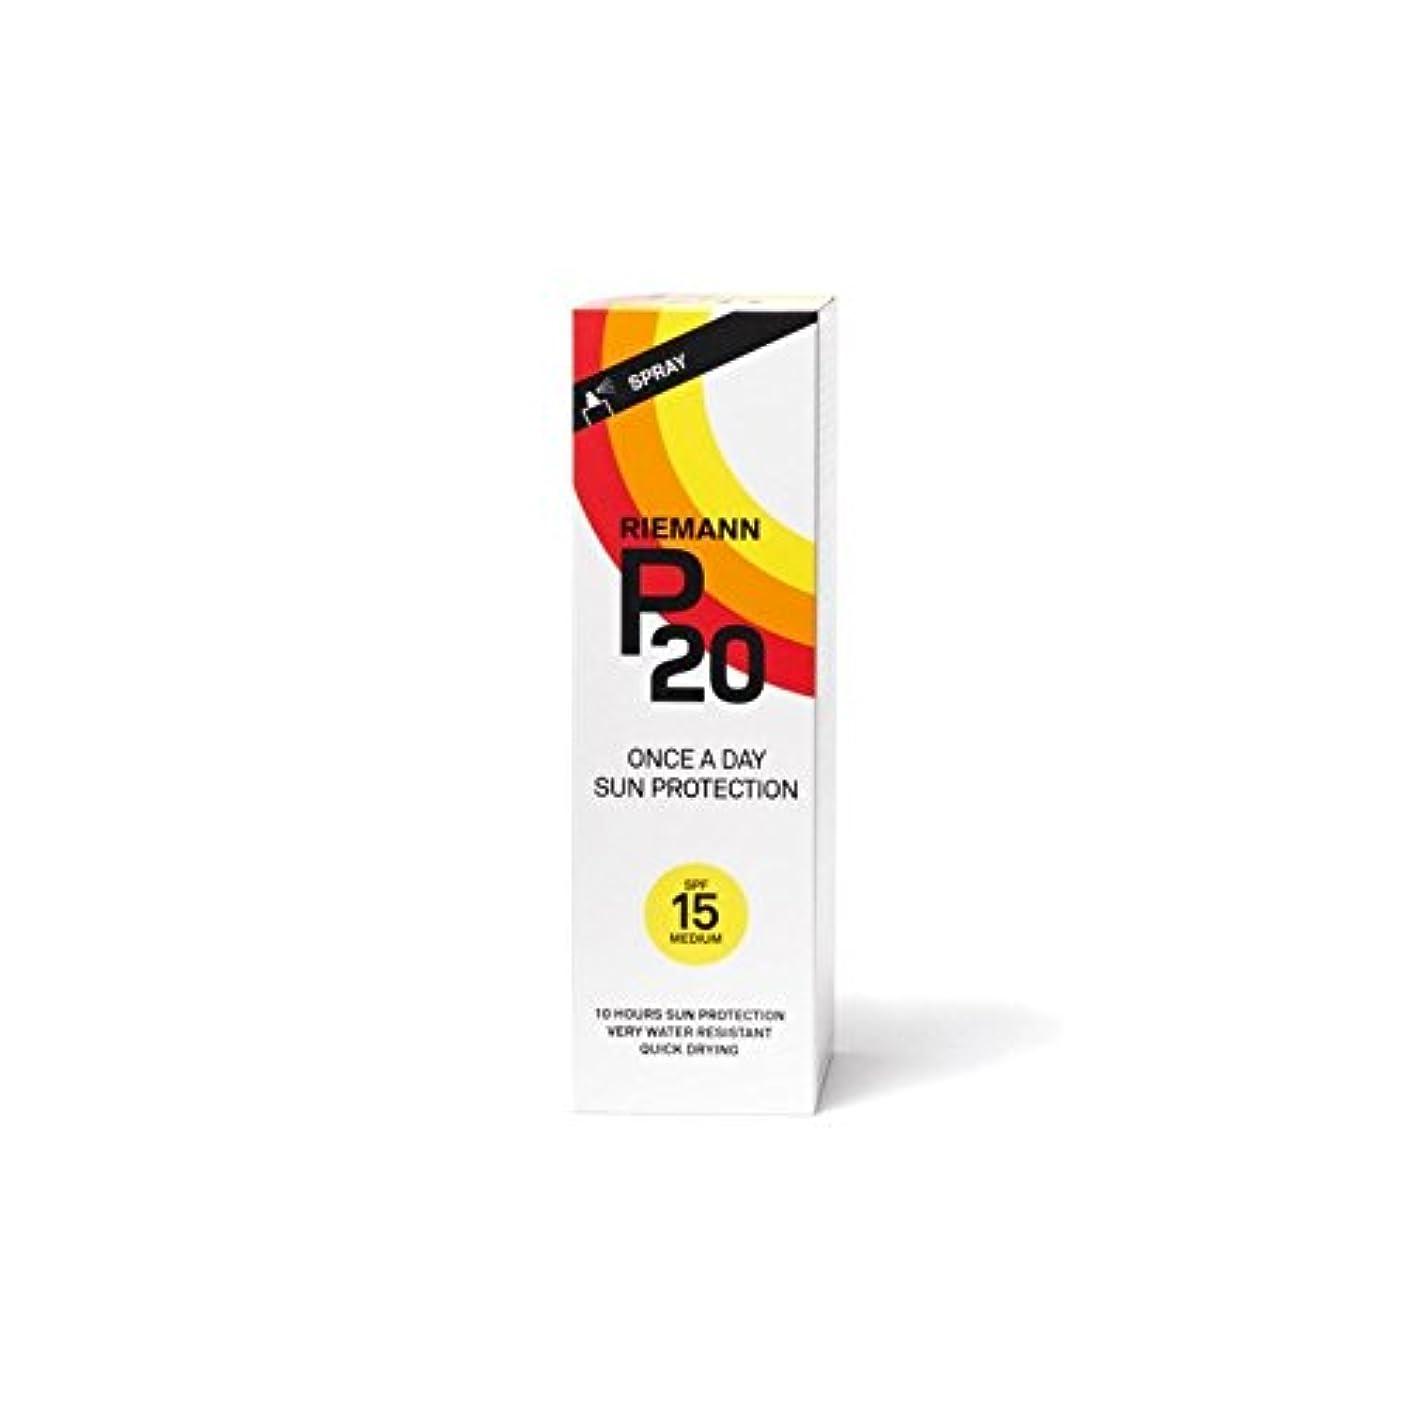 ポータルご注意魅力的Riemann P20 Sun Filter 100ml SPF15 - リーマン20のサンフィルター100ミリリットル15 [並行輸入品]